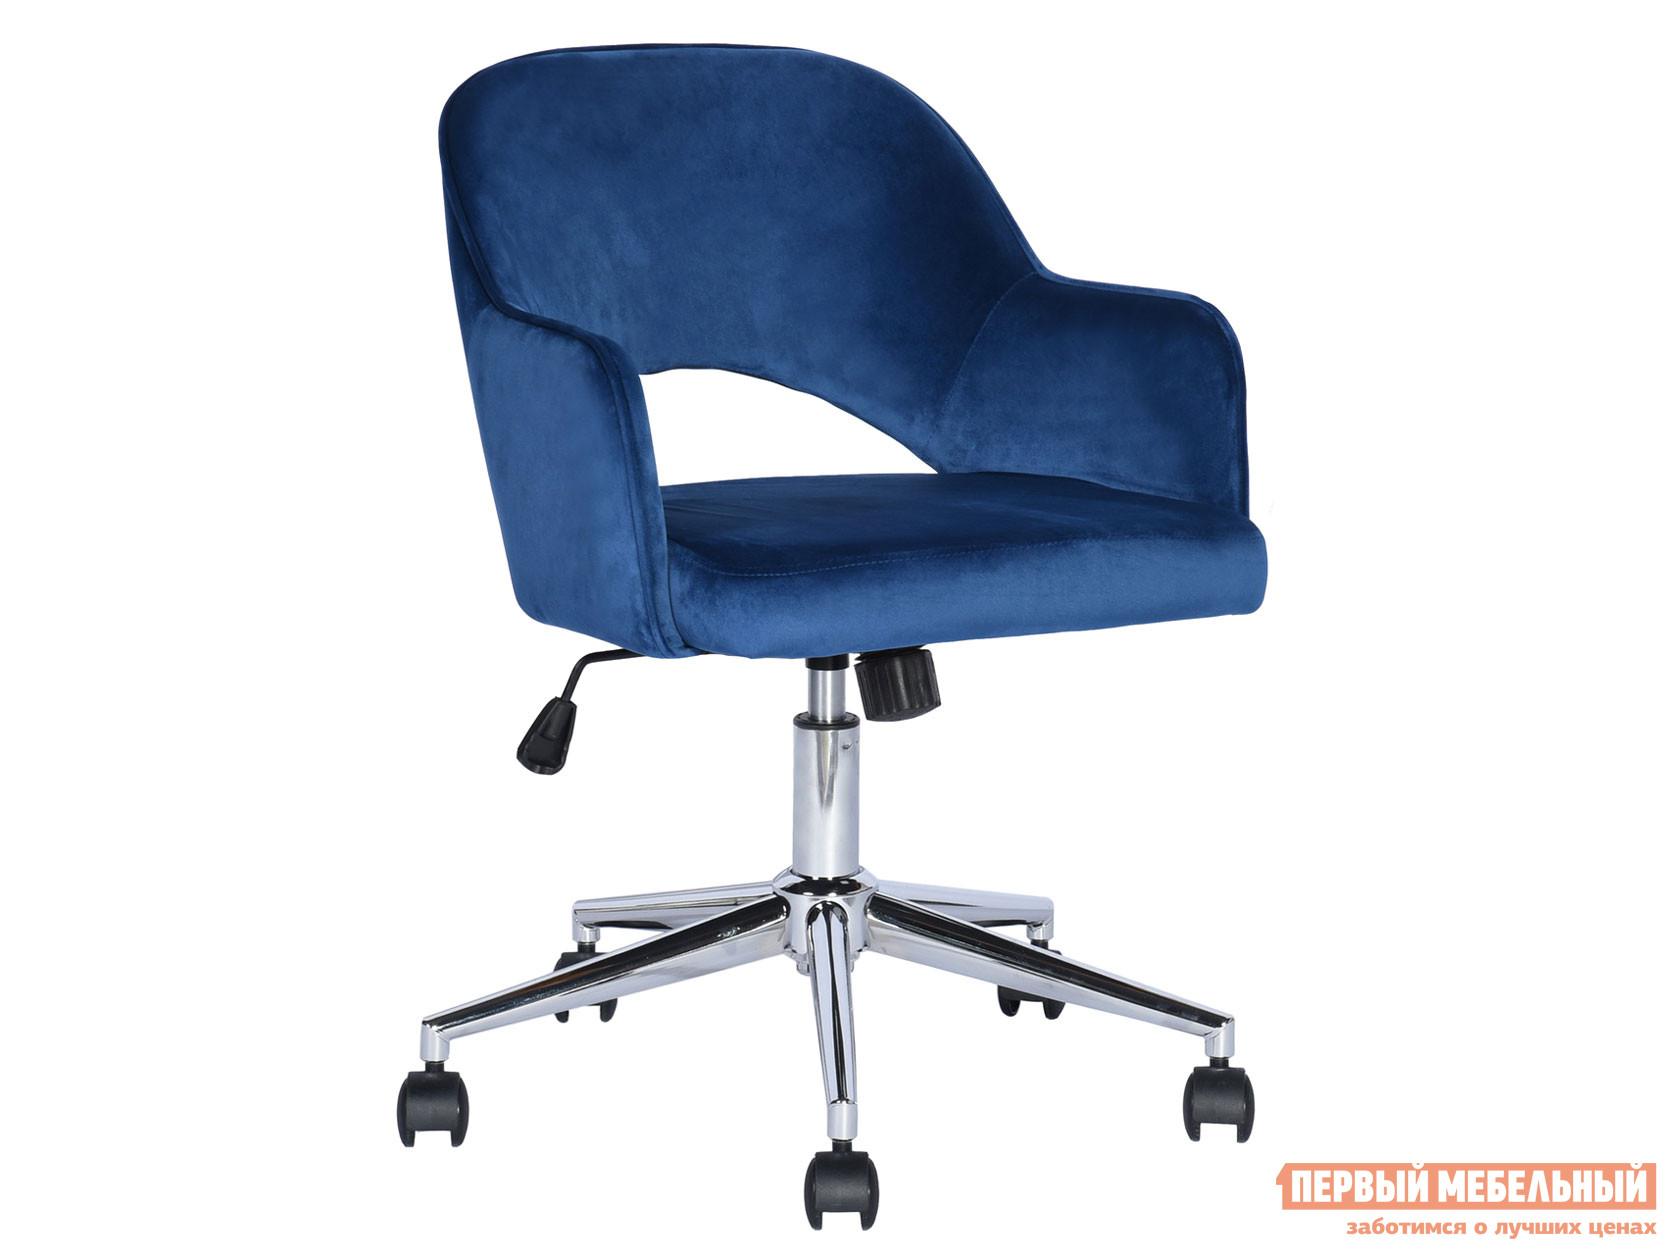 Офисное кресло Первый Мебельный Кресло офисное Кларк велюр